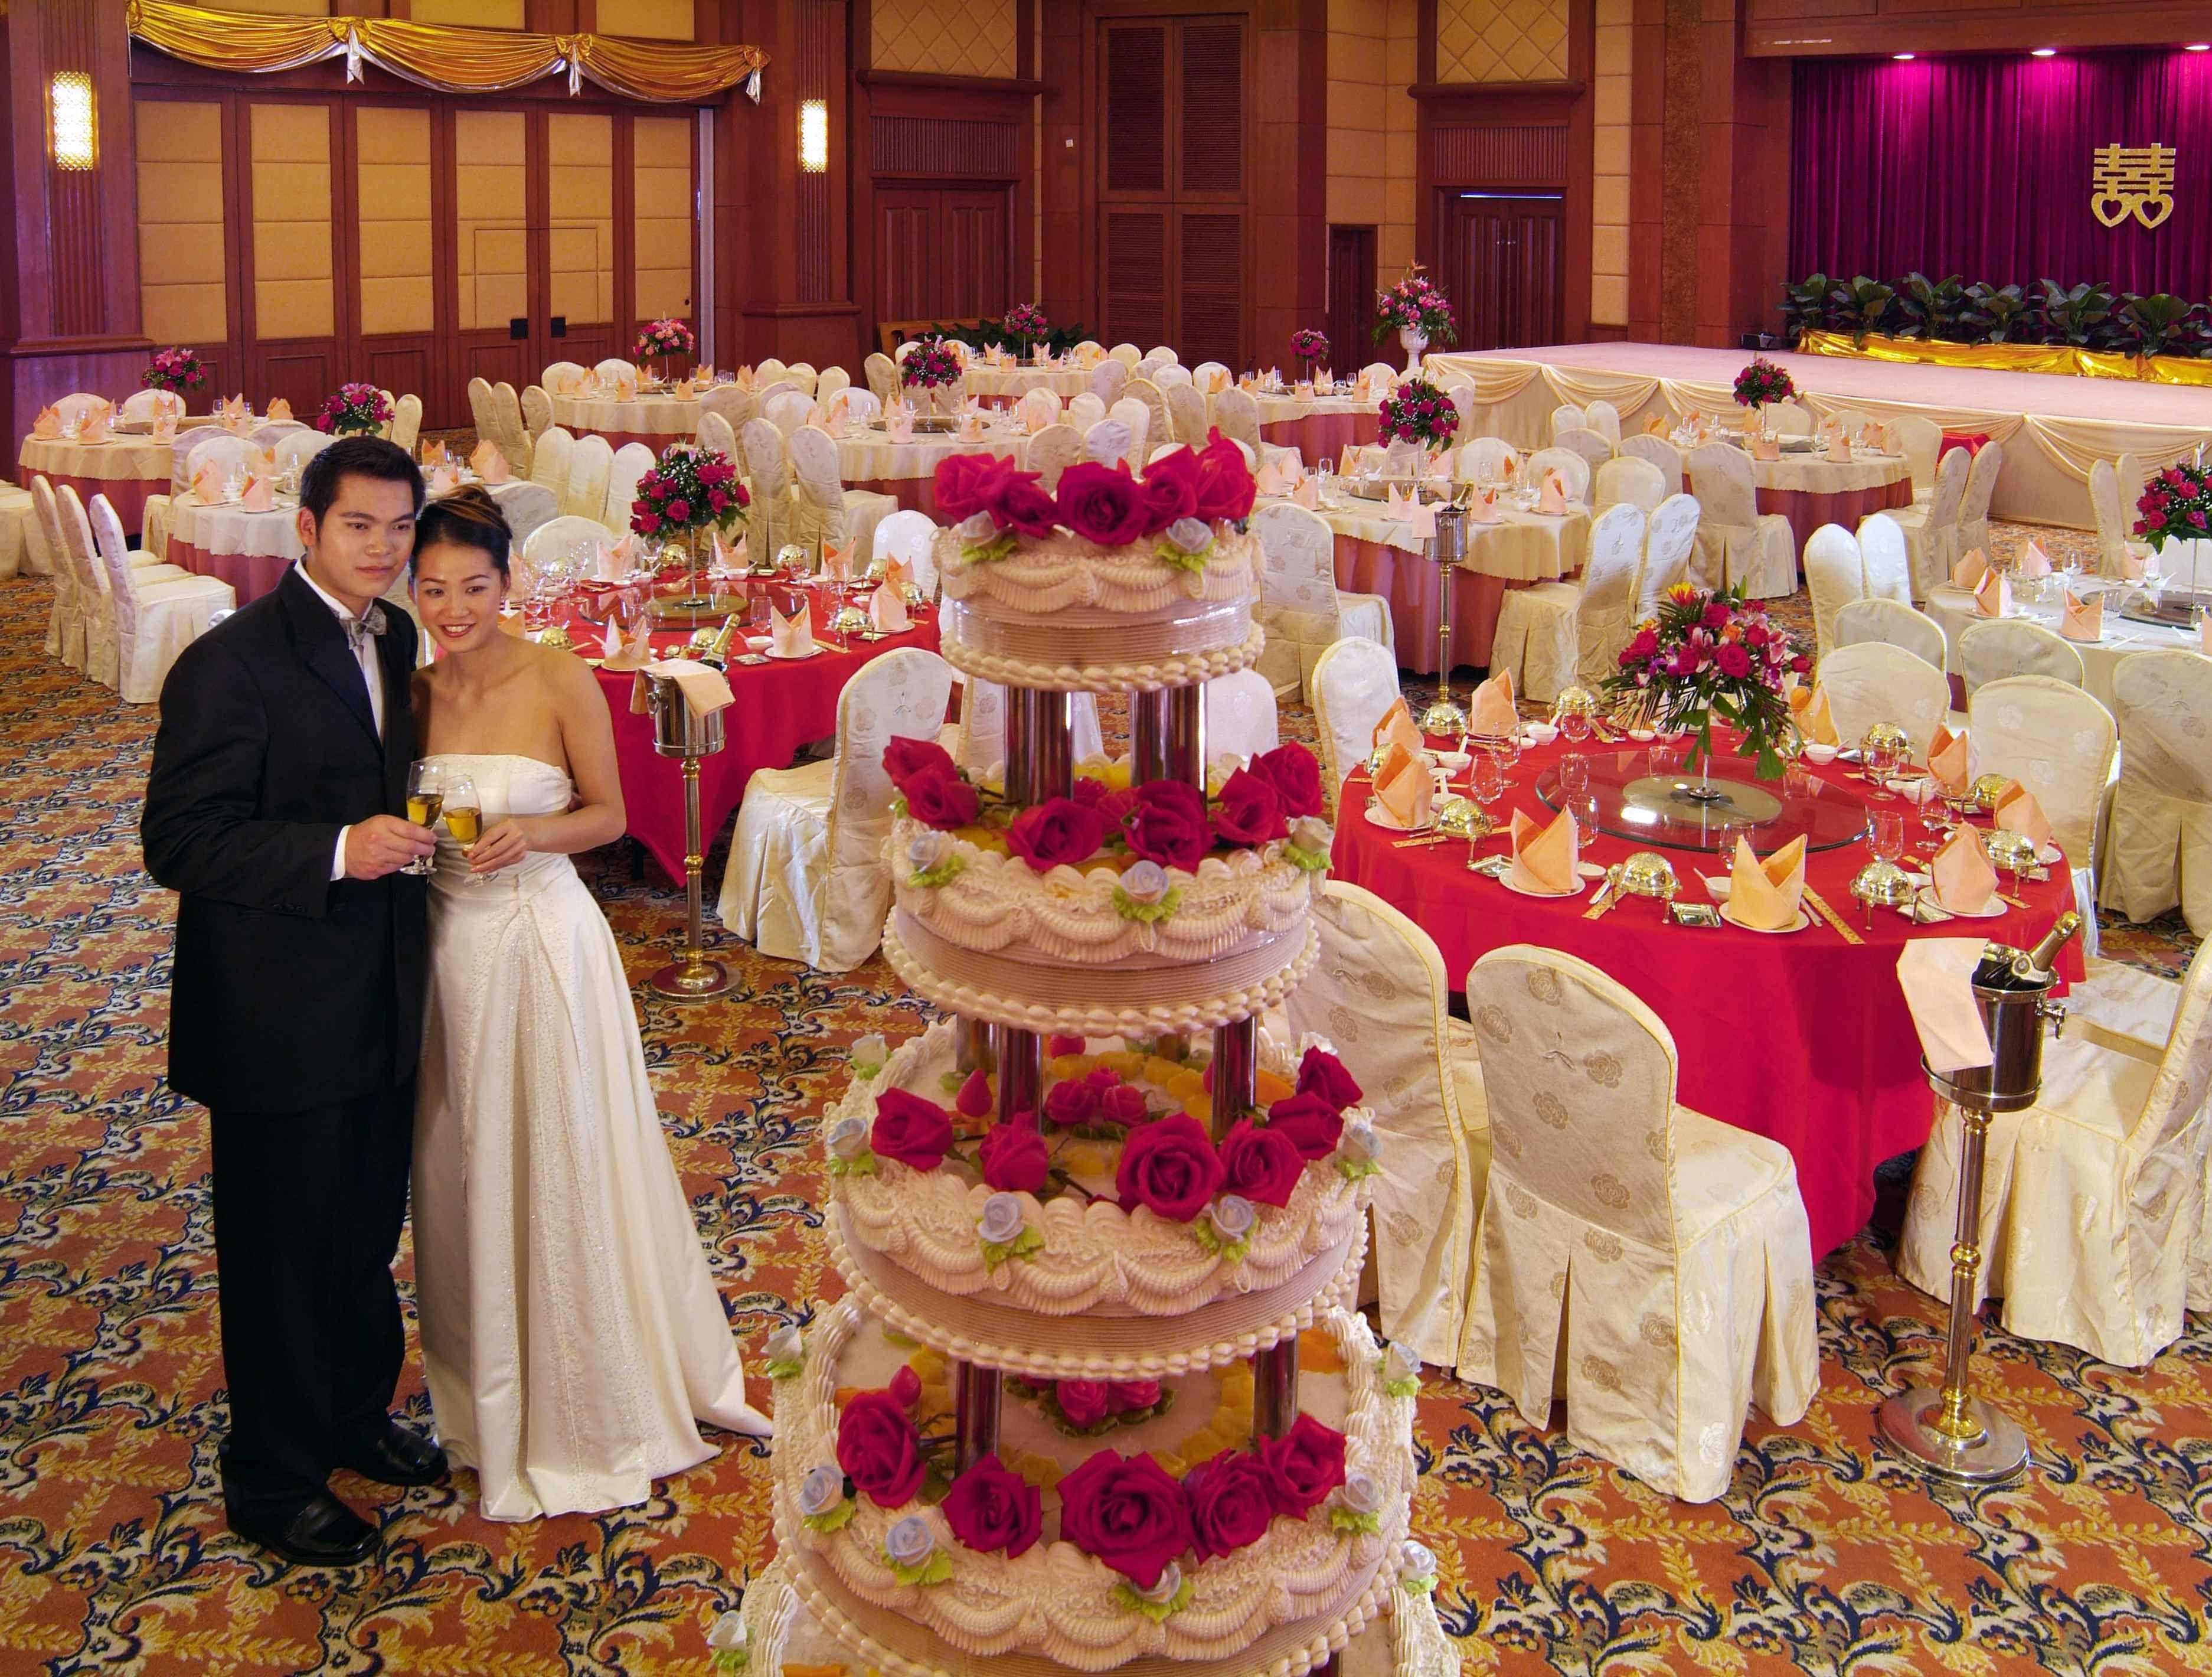 Wedding decoration shop singapore image collections wedding dress wedding decoration accessories singapore image collections wedding other ebooks library of wedding decoration accessories singapore junglespirit junglespirit Images